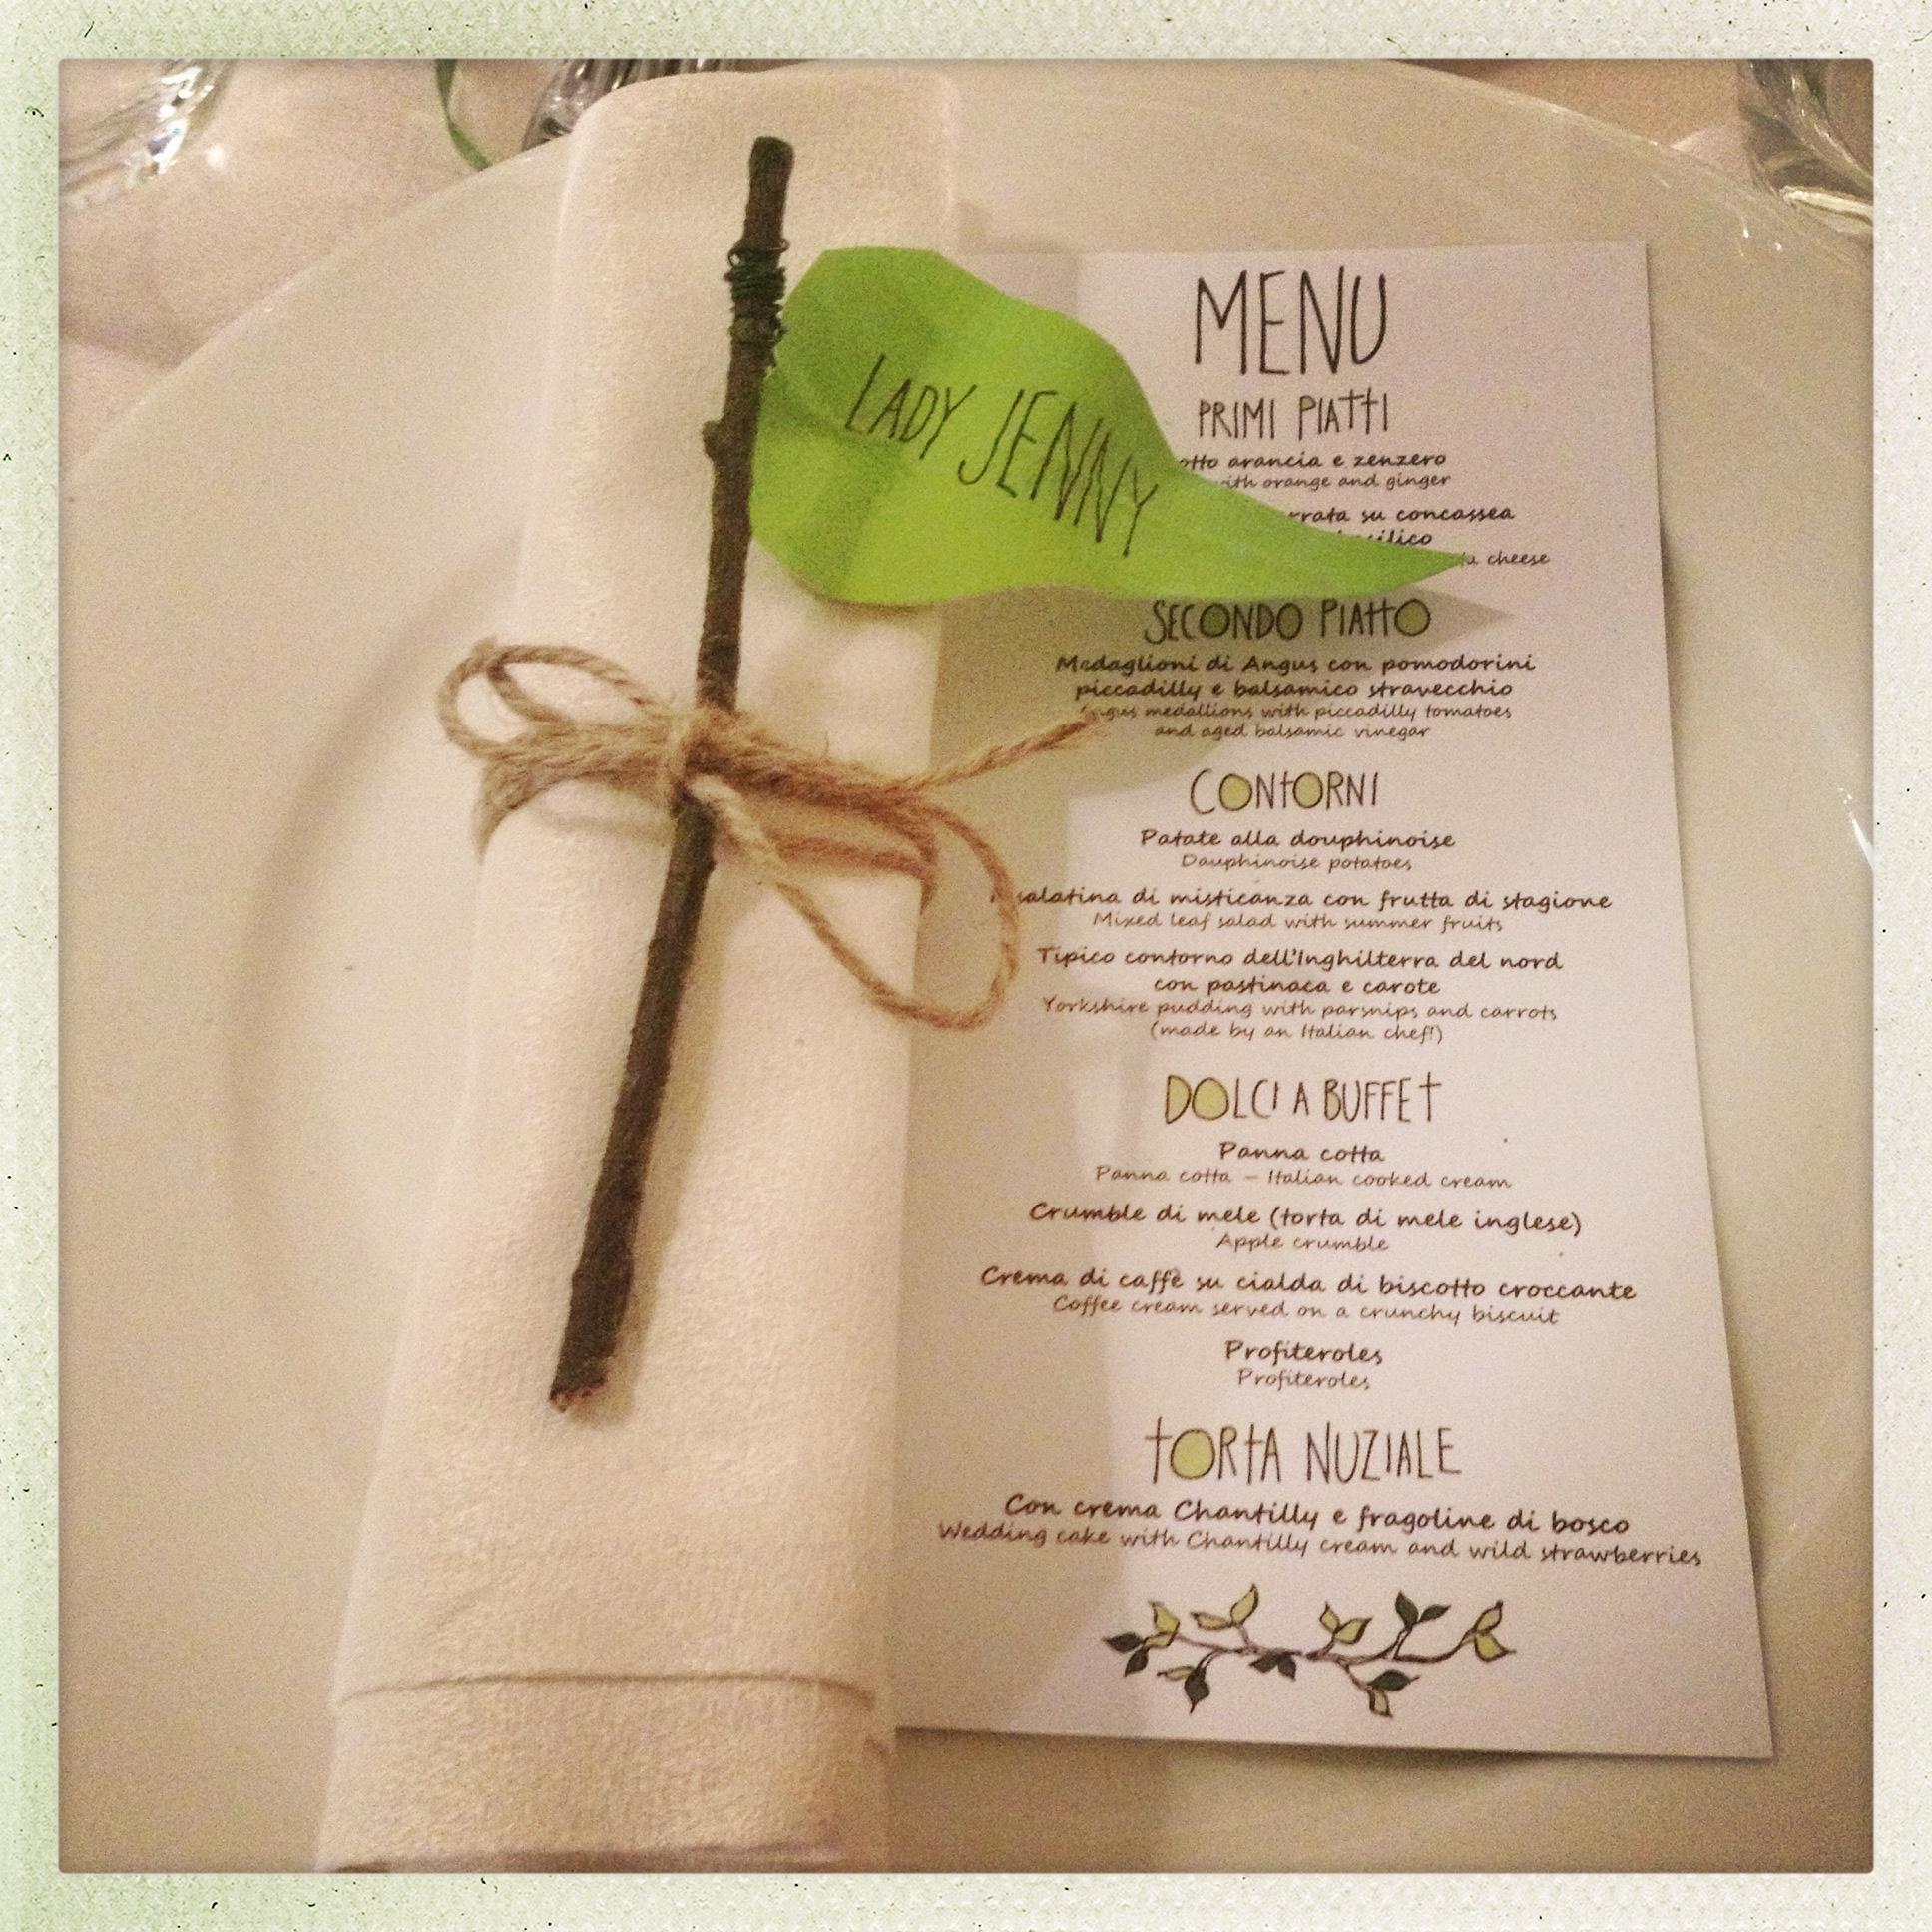 Andrew & Chiara place names and menu